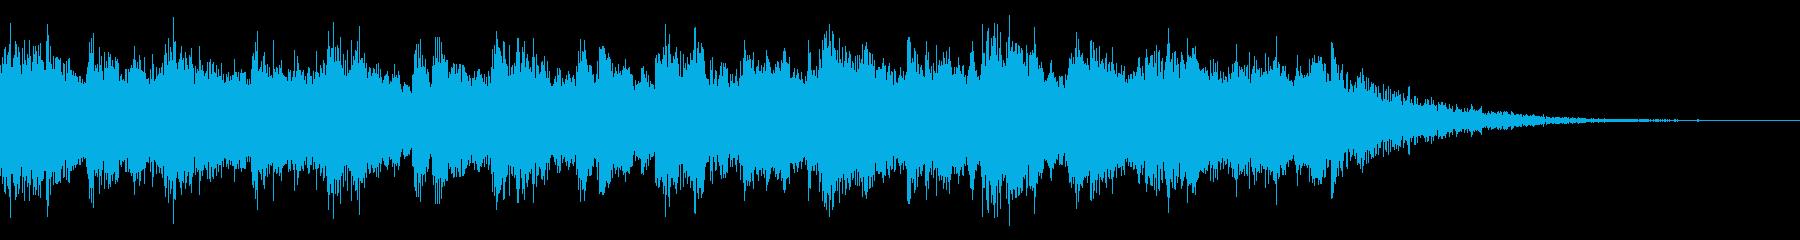 ファンタジー・ゲーム・ジングル・壮大★の再生済みの波形